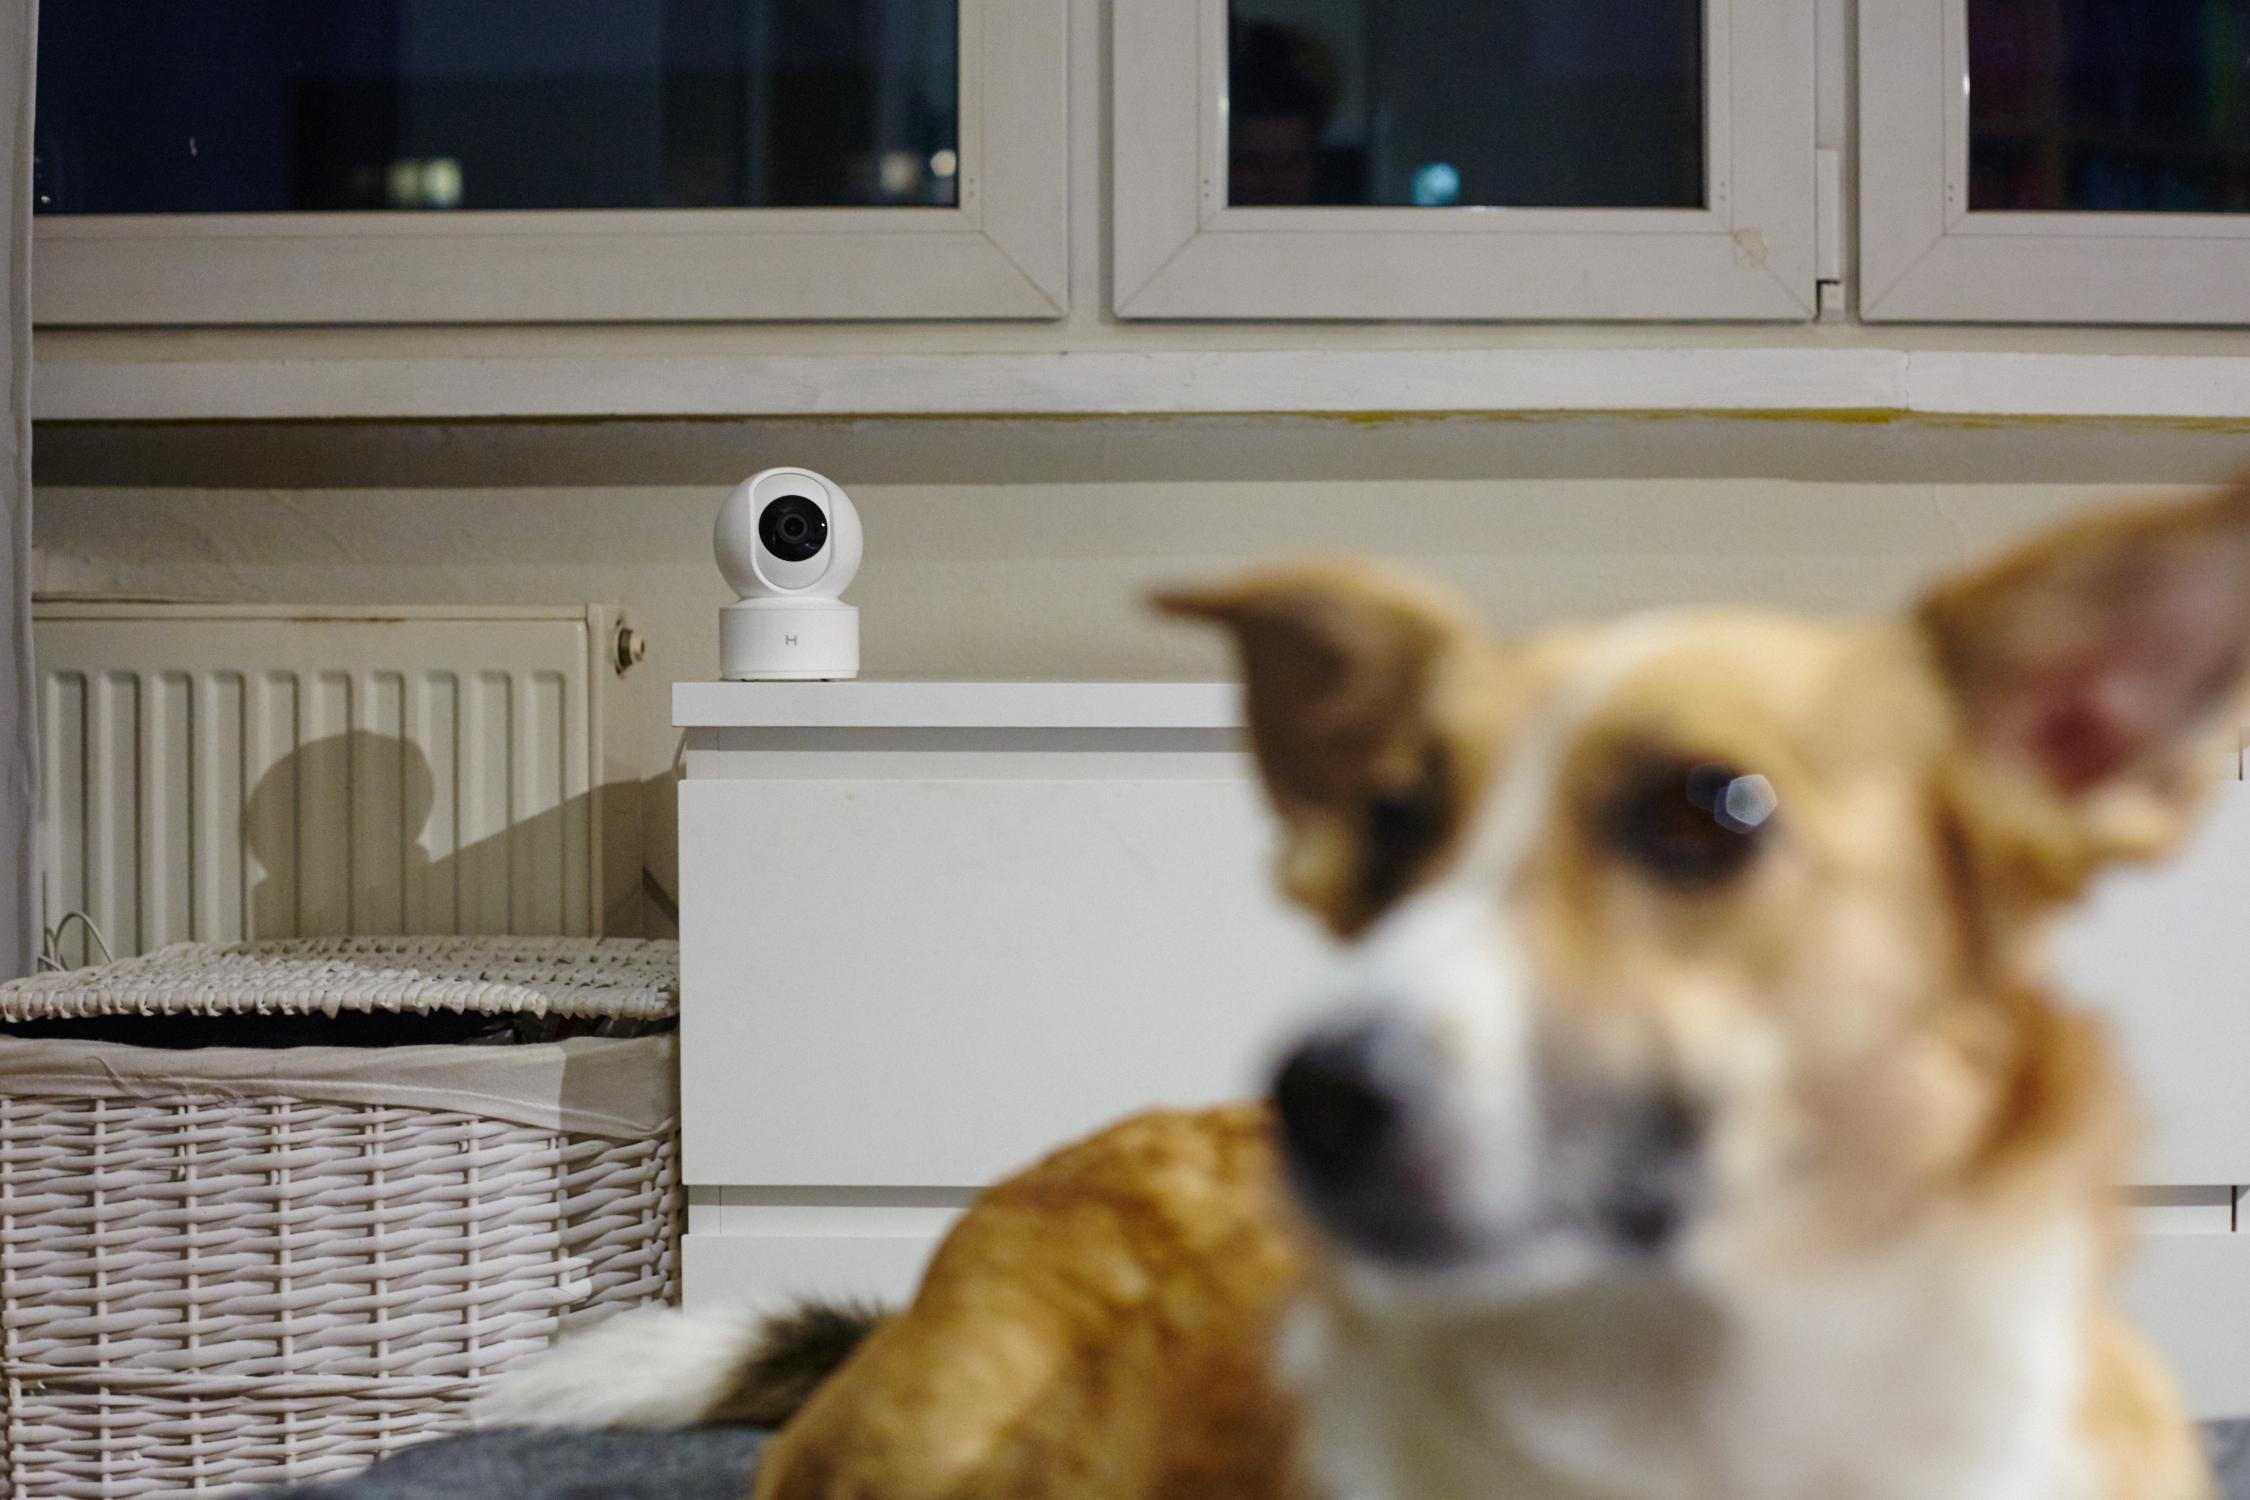 pies z nianią elektroniczną w tle